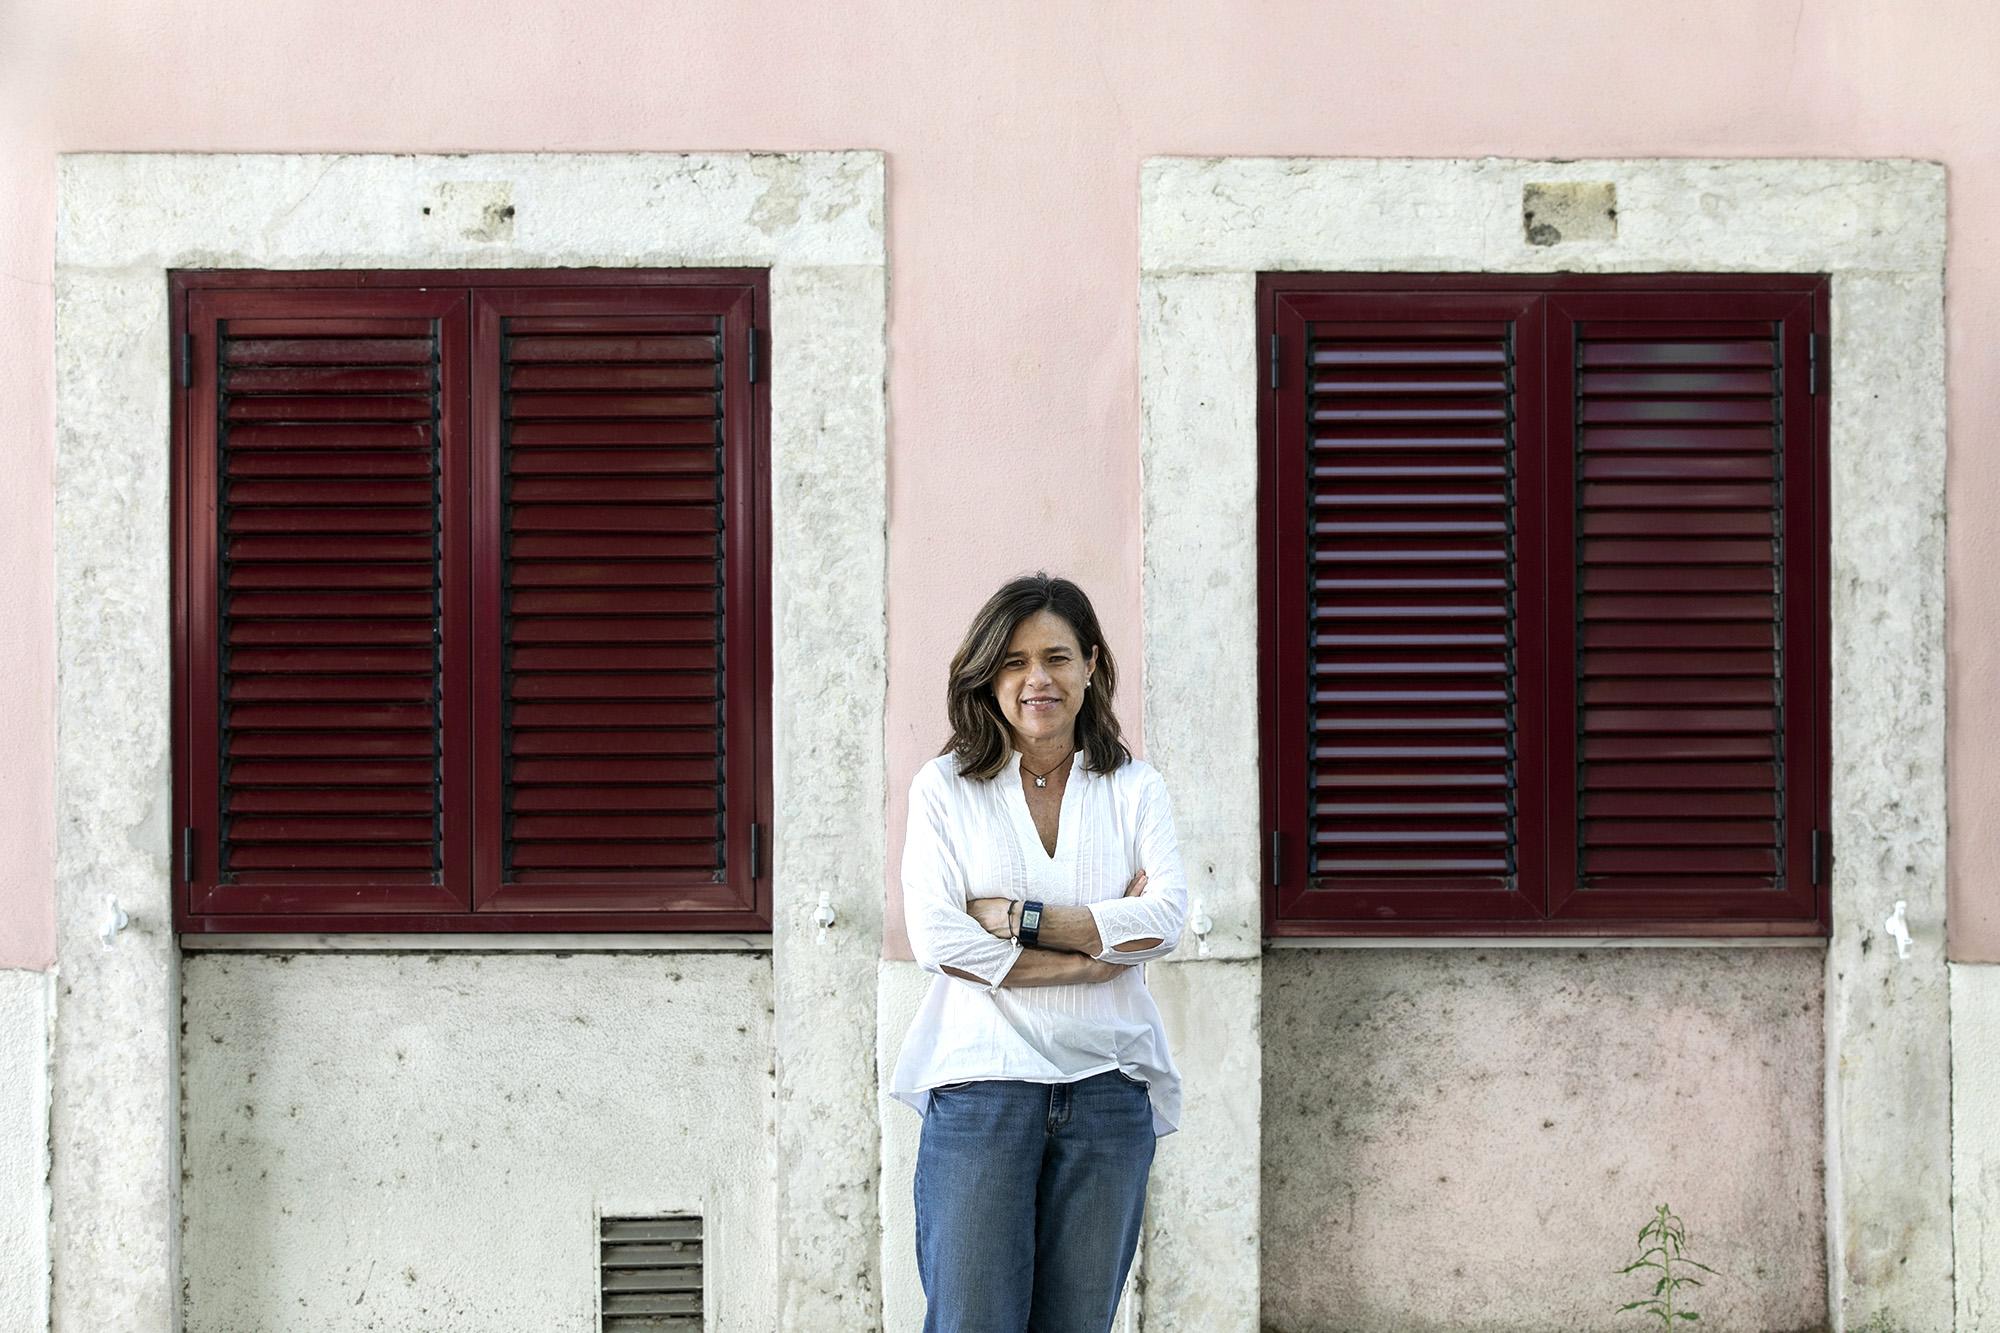 Cristina Siza Vieira, Presidente Executiva da Associação da Hotelaria de Portugal, em entrevista ao ECO - 21MAI20